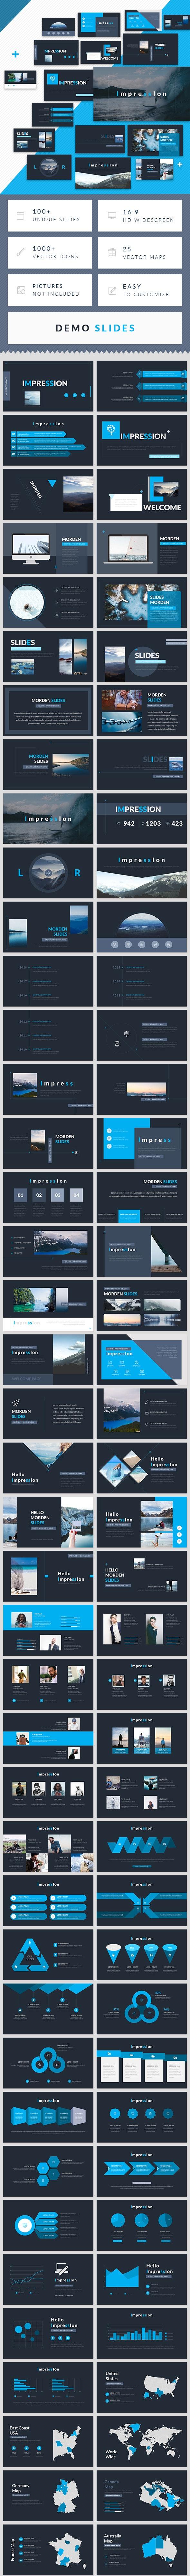 Impression - Minimal Simple Google Slides Template - Google Slides Presentation Templates